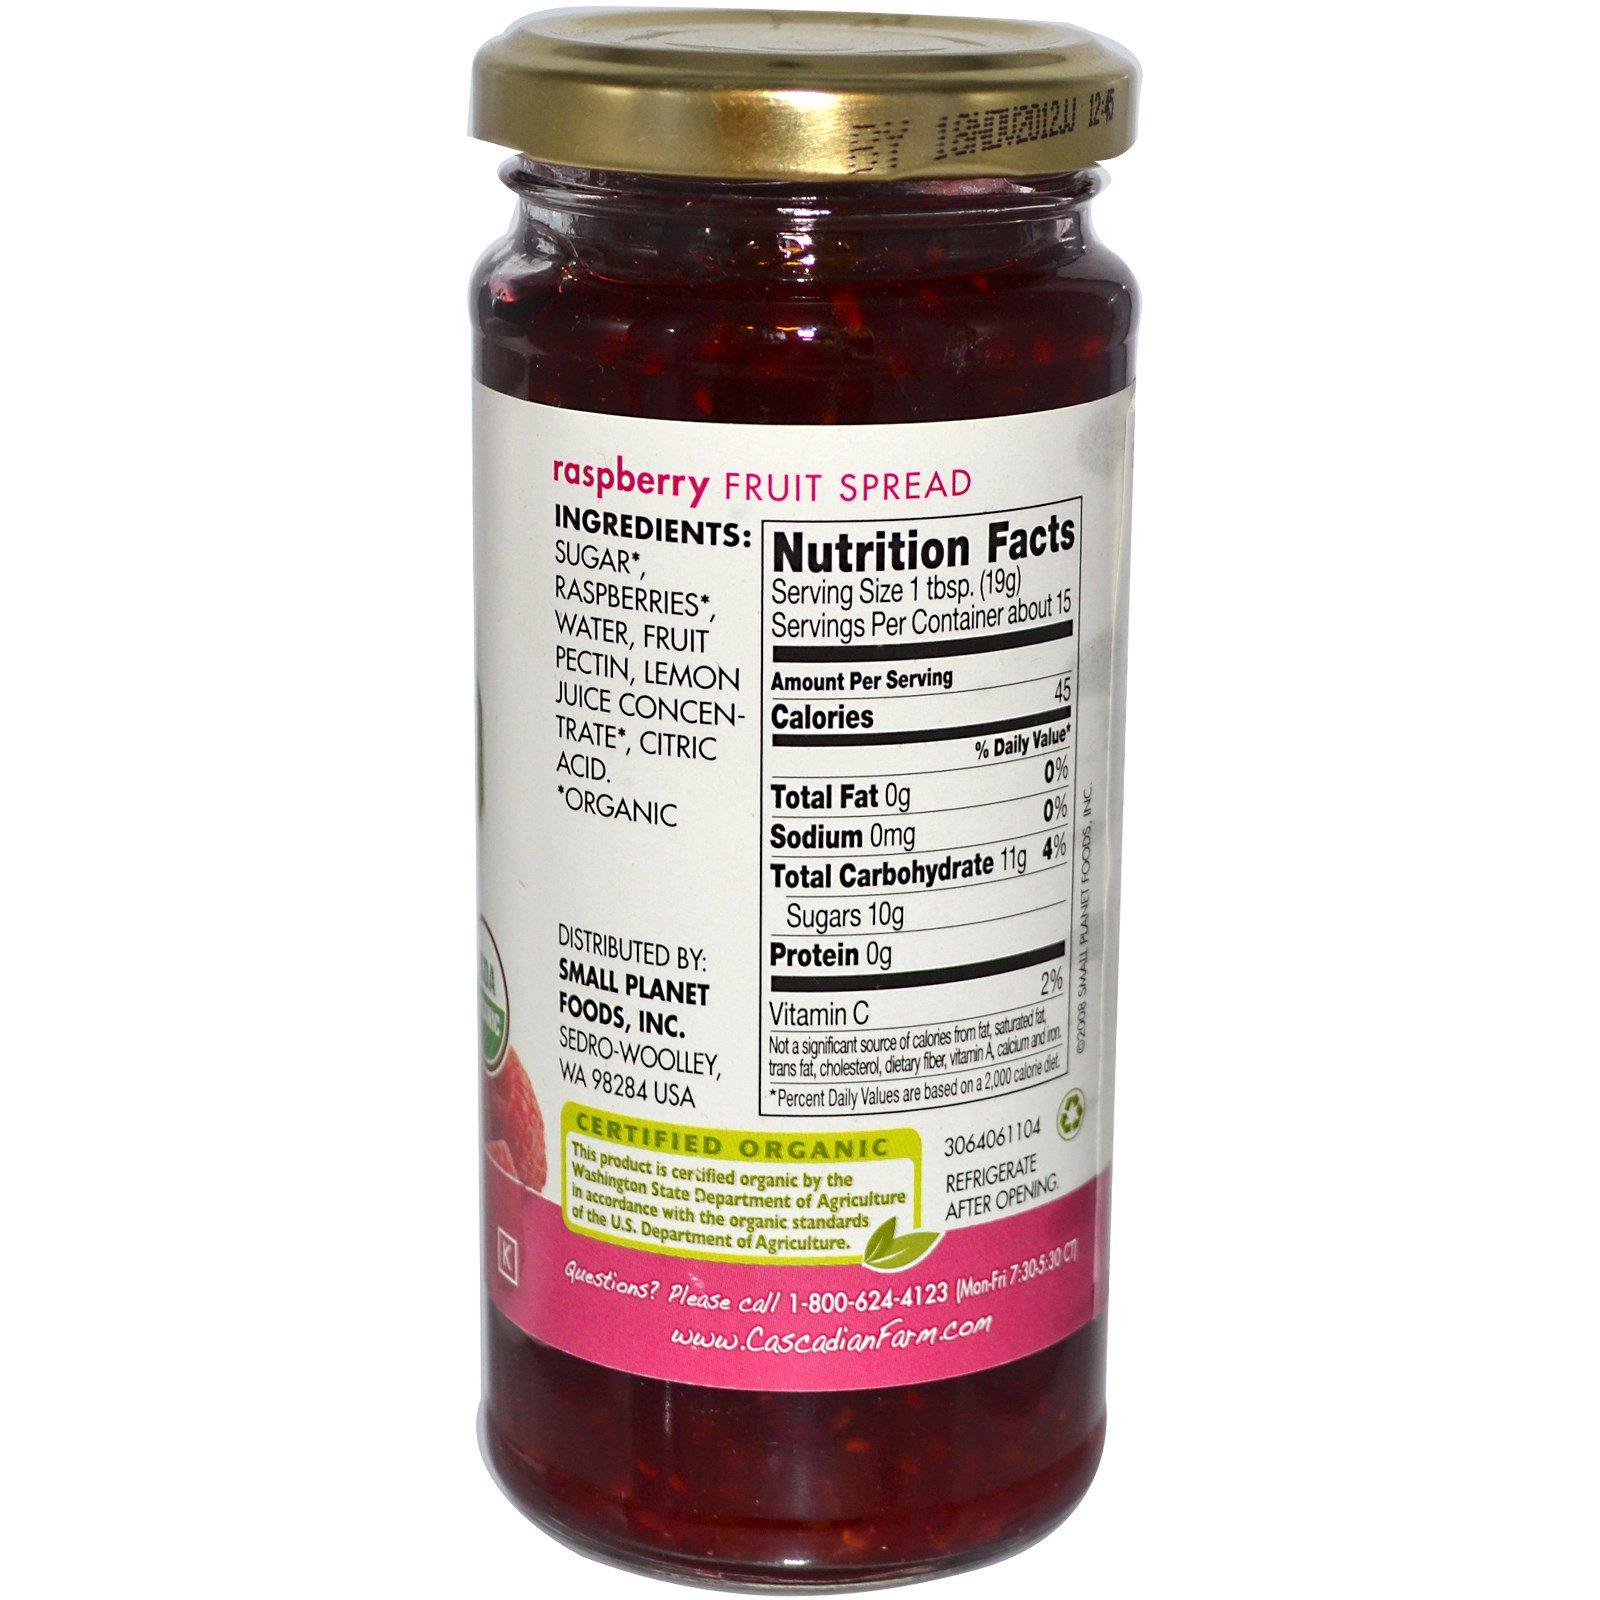 Cascadian Farm, Органический, фруктовый спред, малина, 10 унций (284 г)